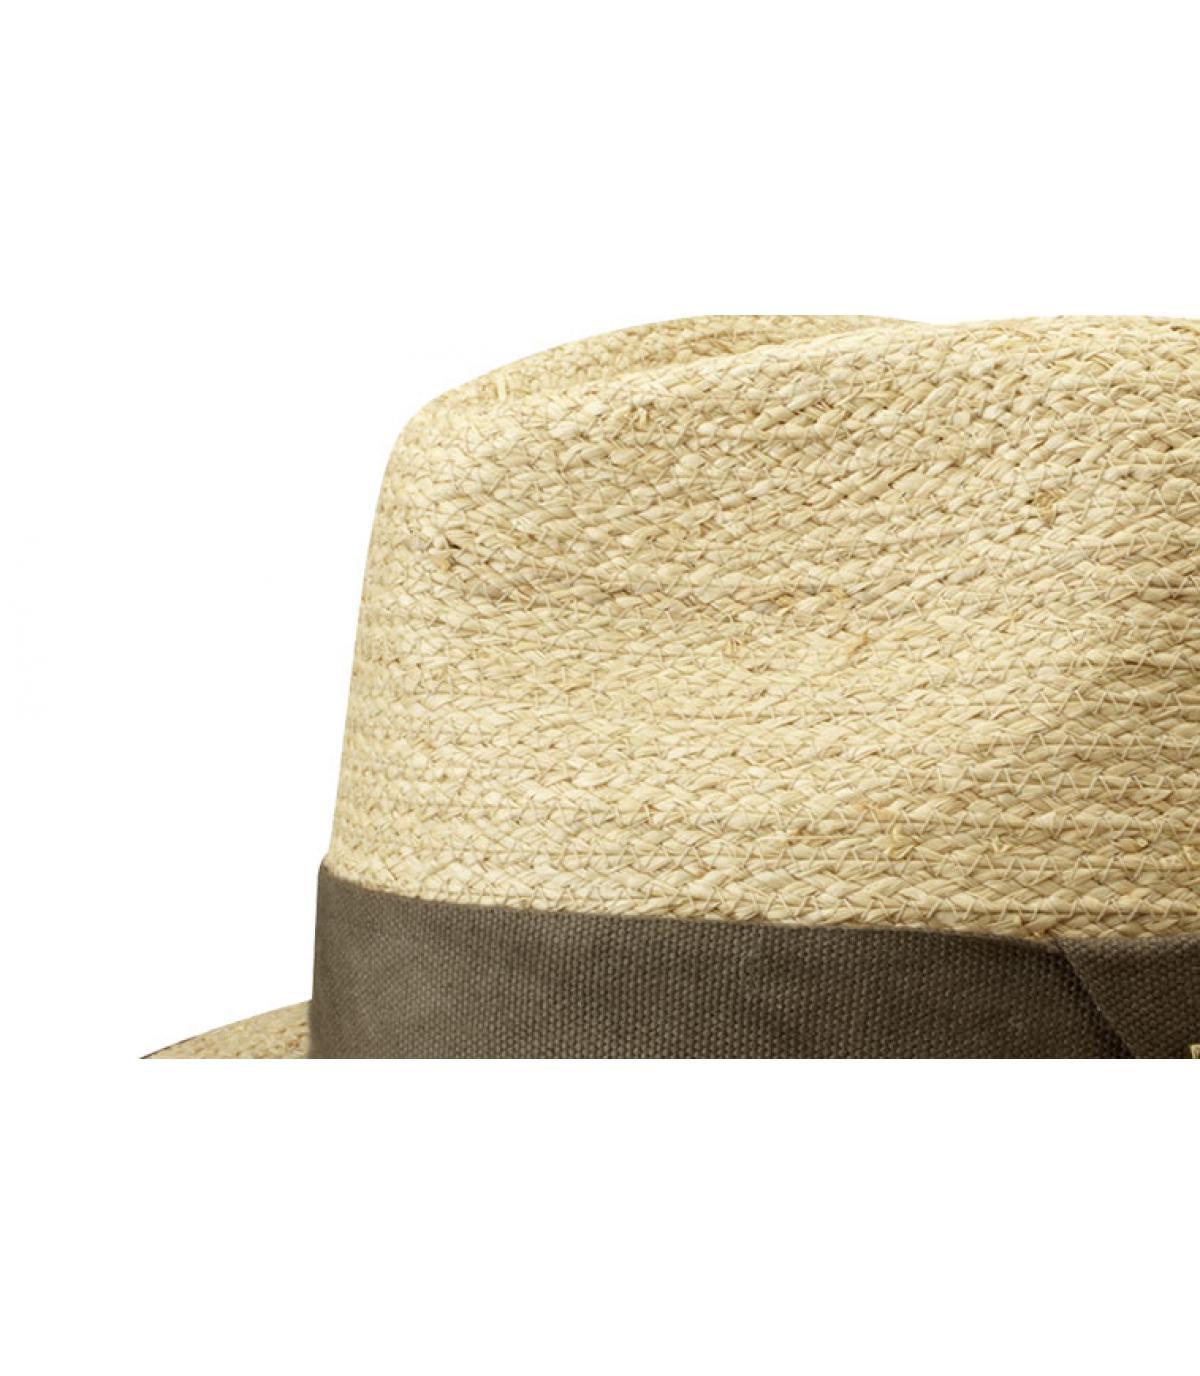 Détails Chapeau Merriam raffia - image 2